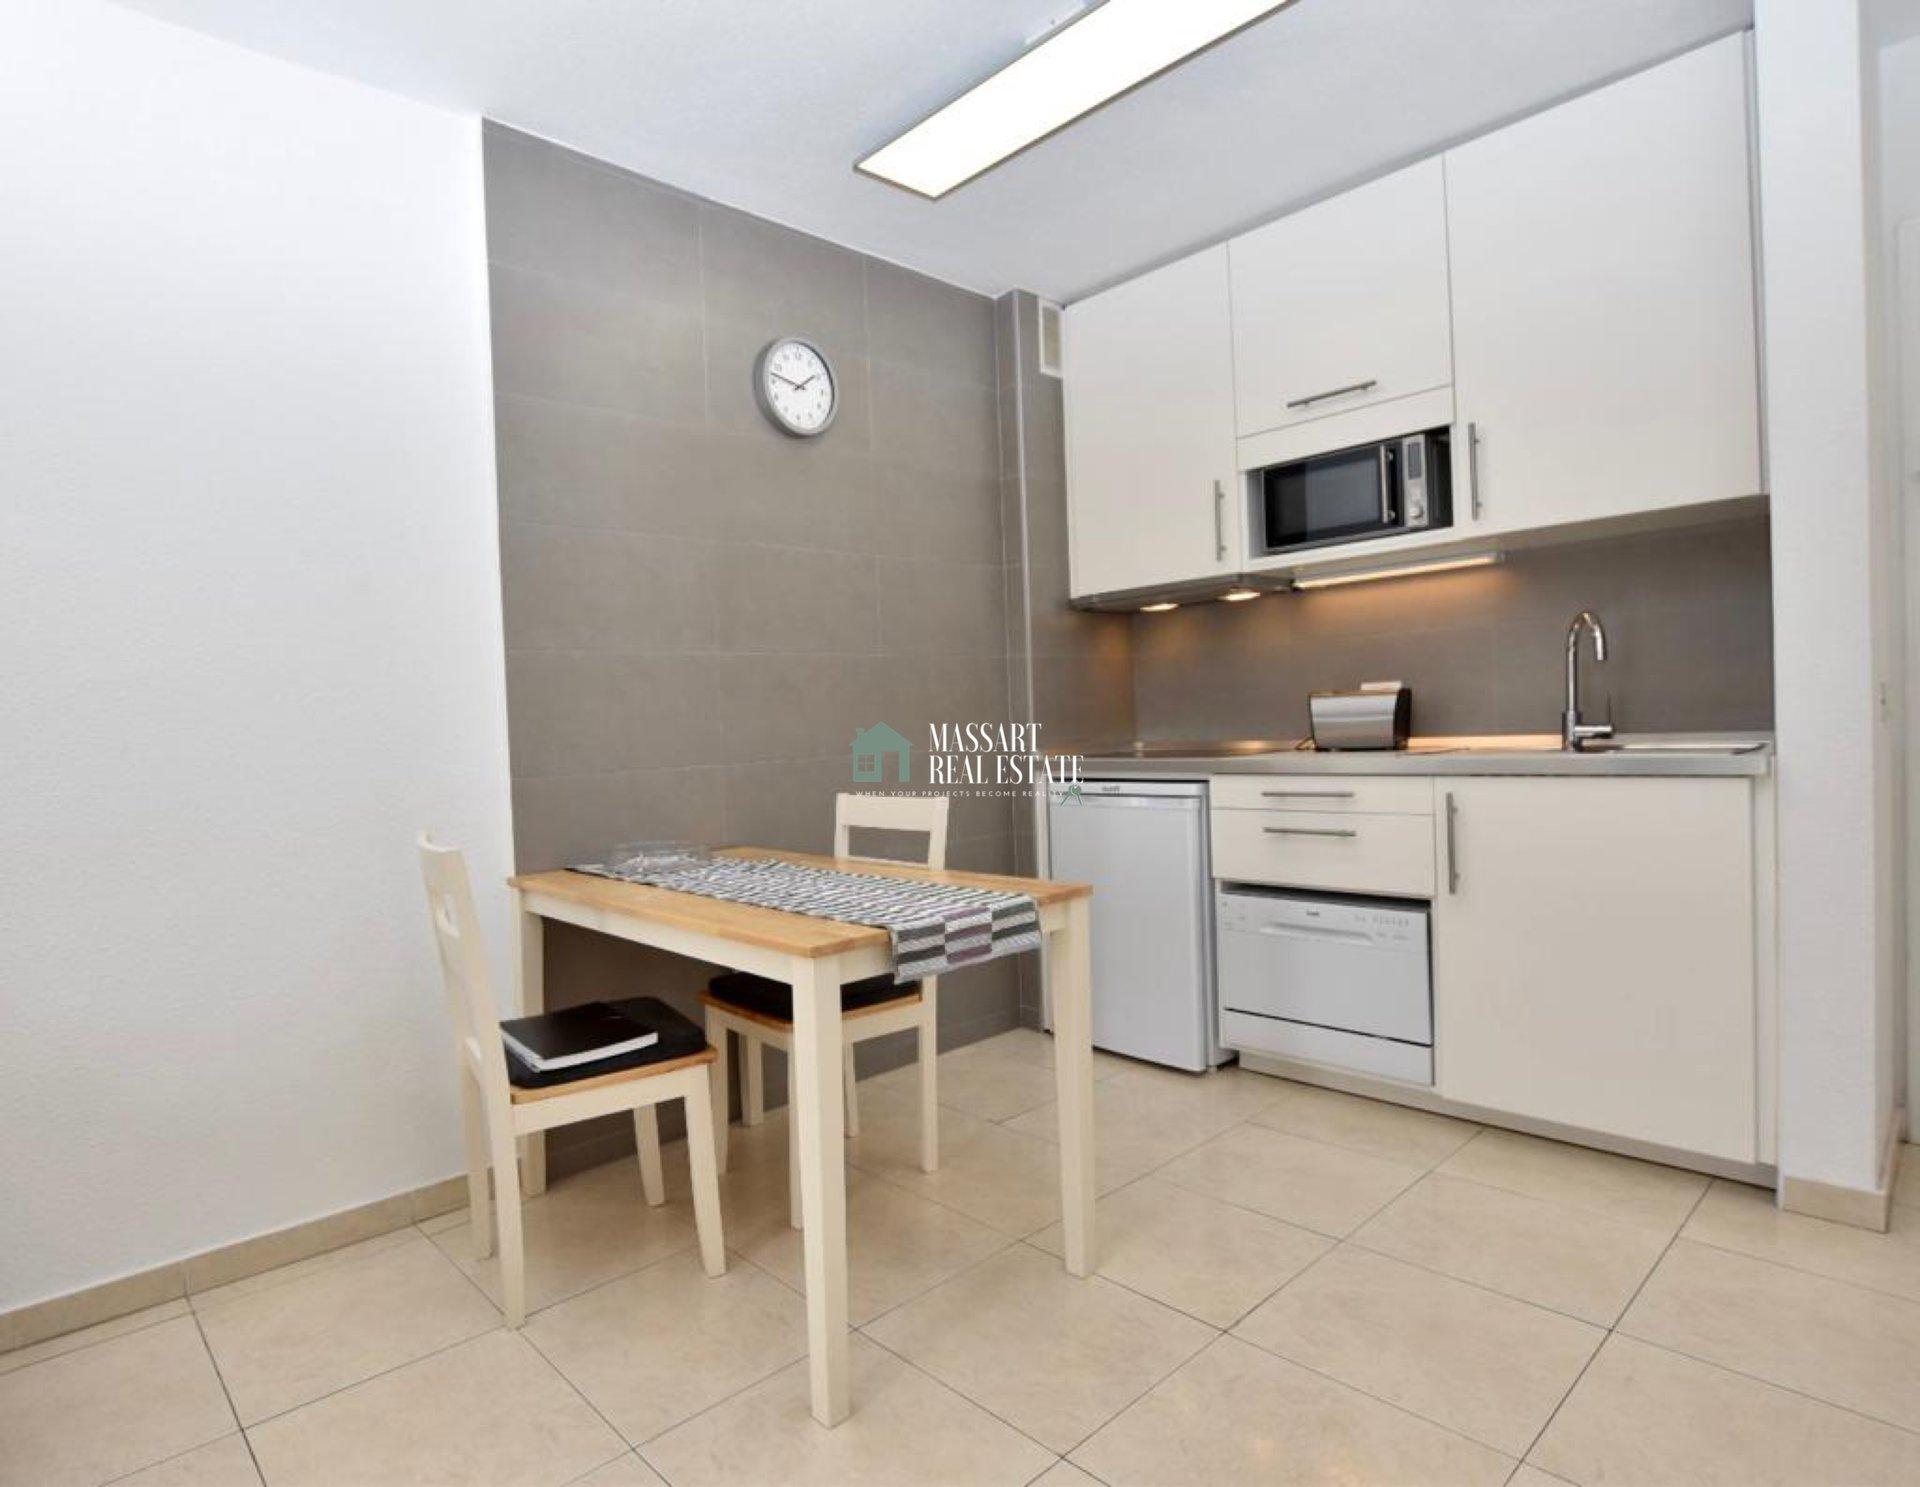 Appartement van 50 m2 gerenoveerd en ingericht met gesloten garage van 14 m2.